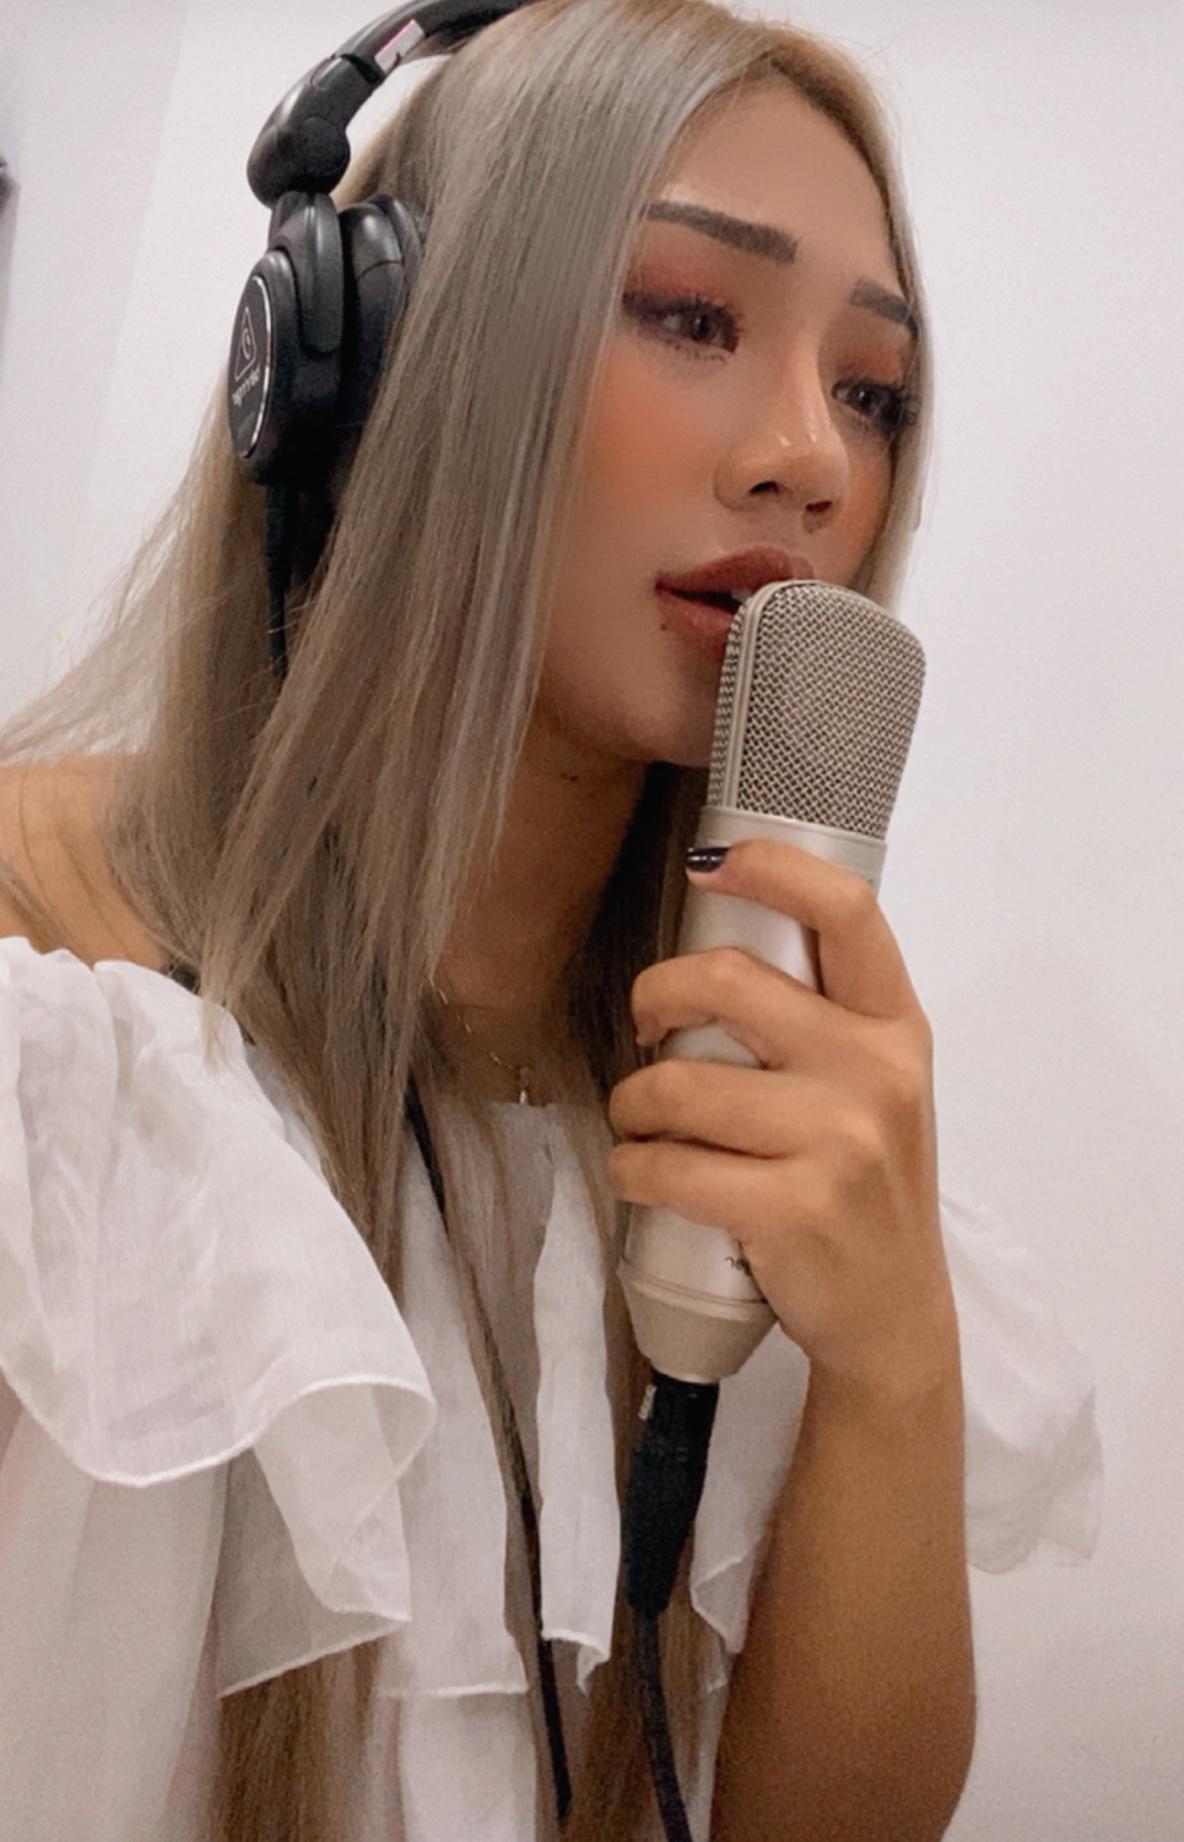 Diện mạo cô gái xinh đẹp hát từ khu phong tỏa - Ảnh 1.